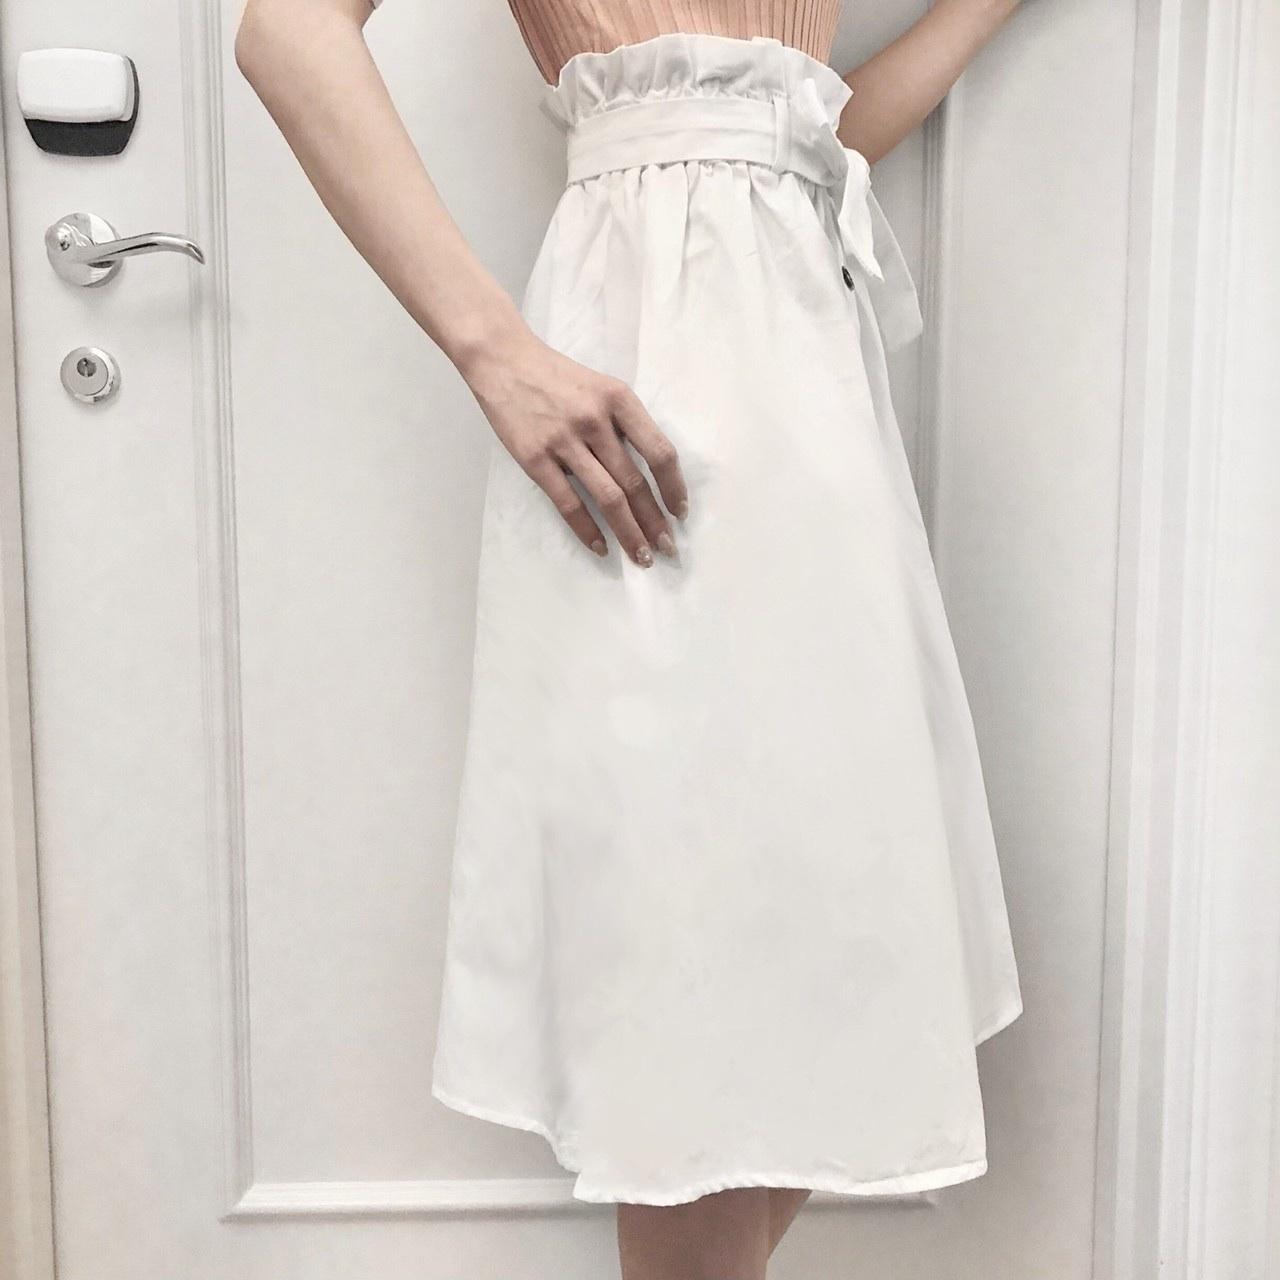 【Fluffy】フロントボタンリボンフレアスカート